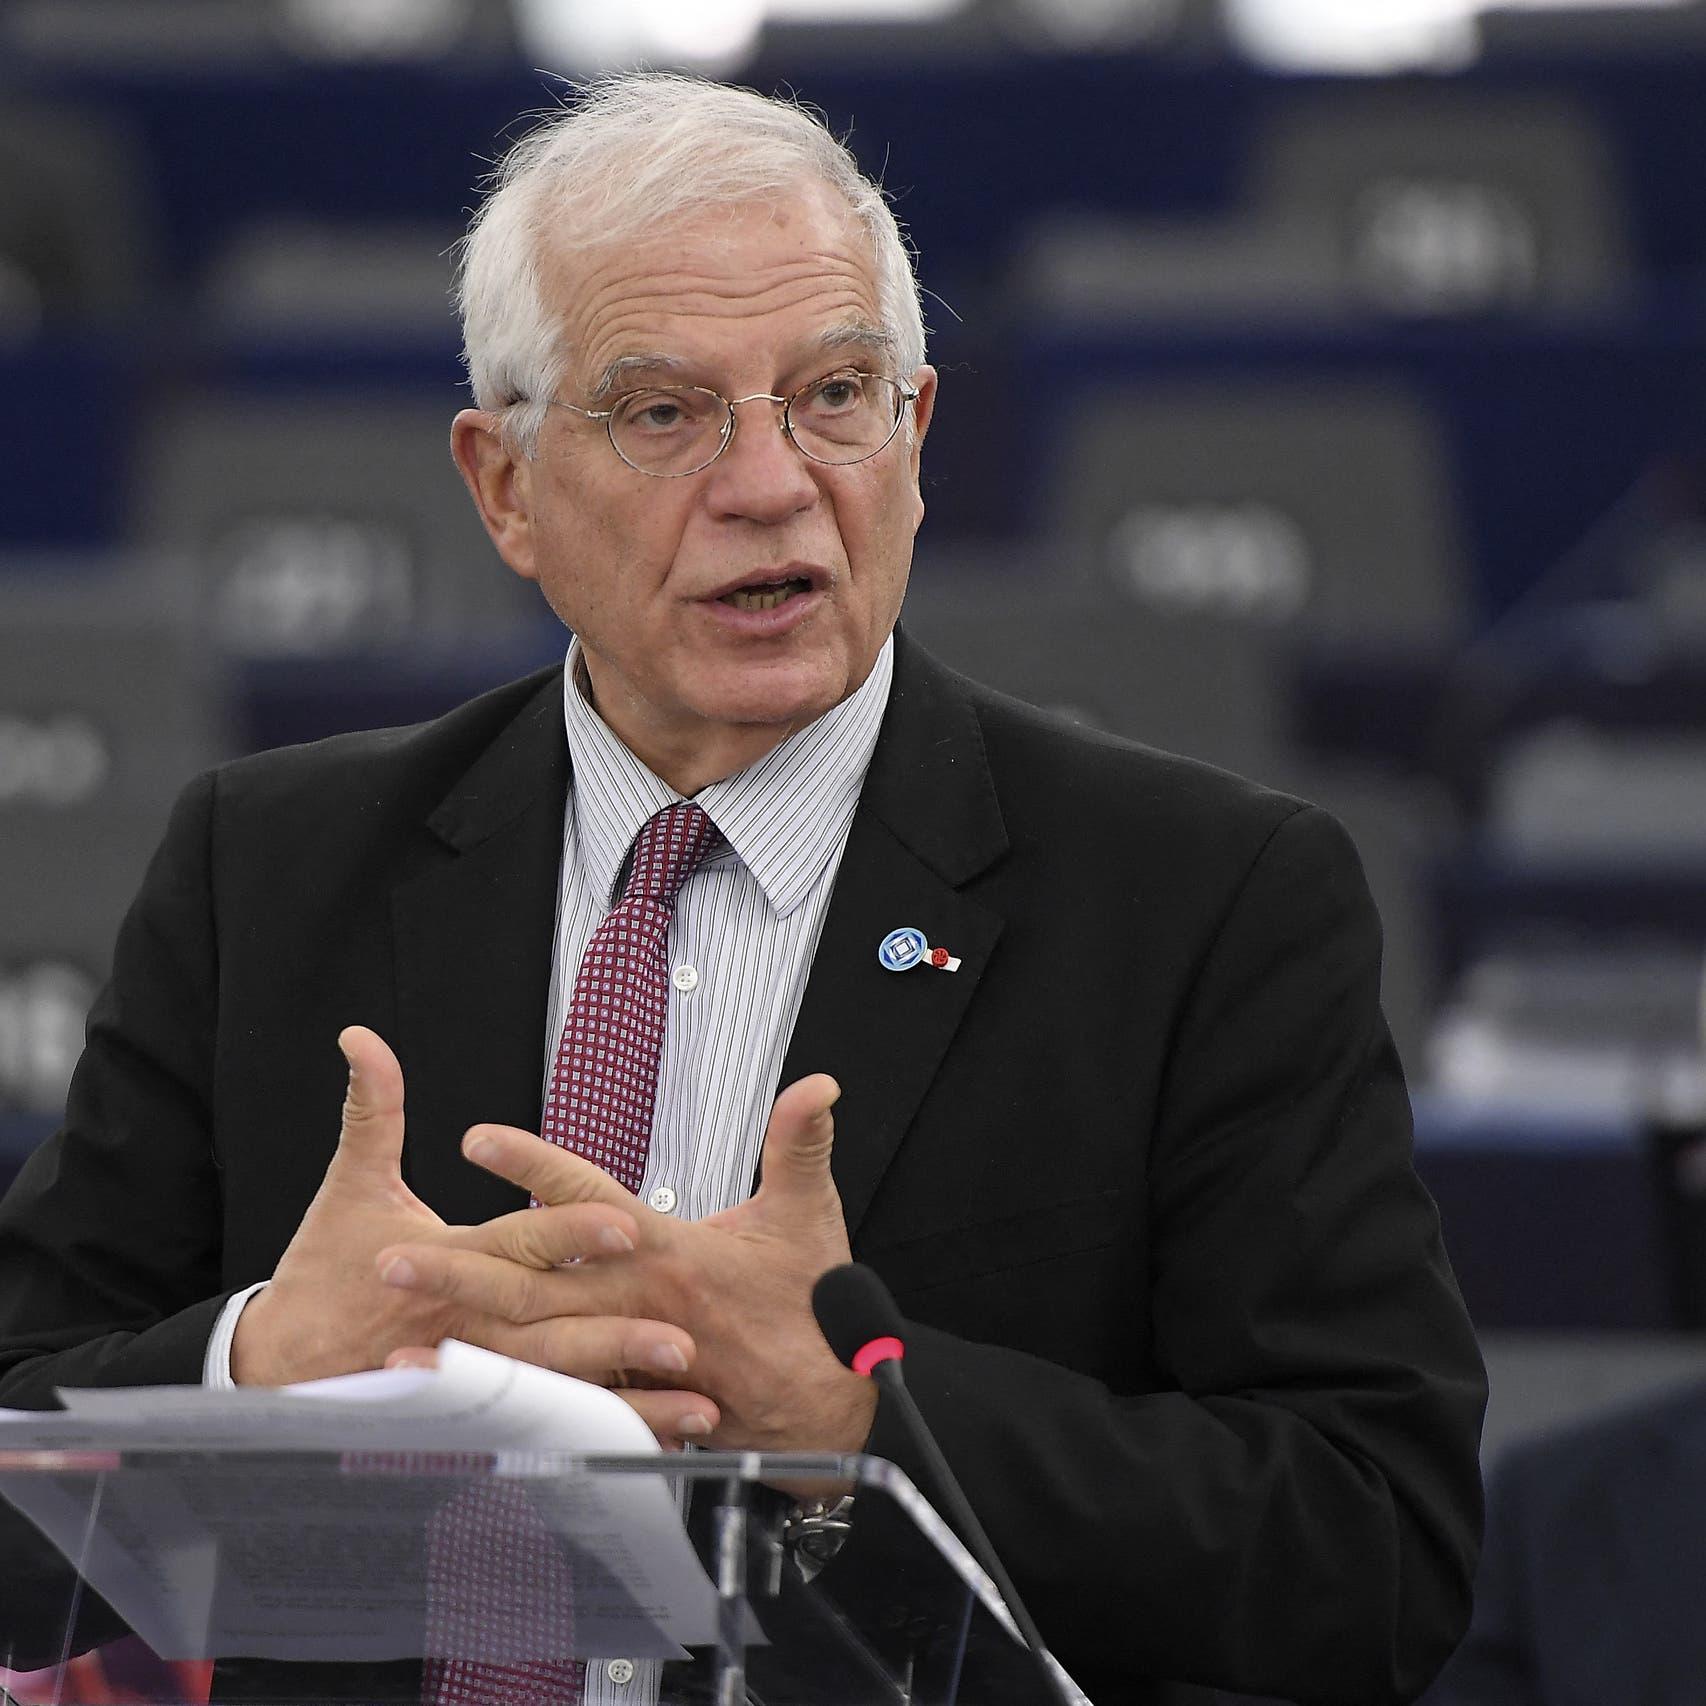 المفوضية الأوروبية تبحث سبل حماية الأفغان